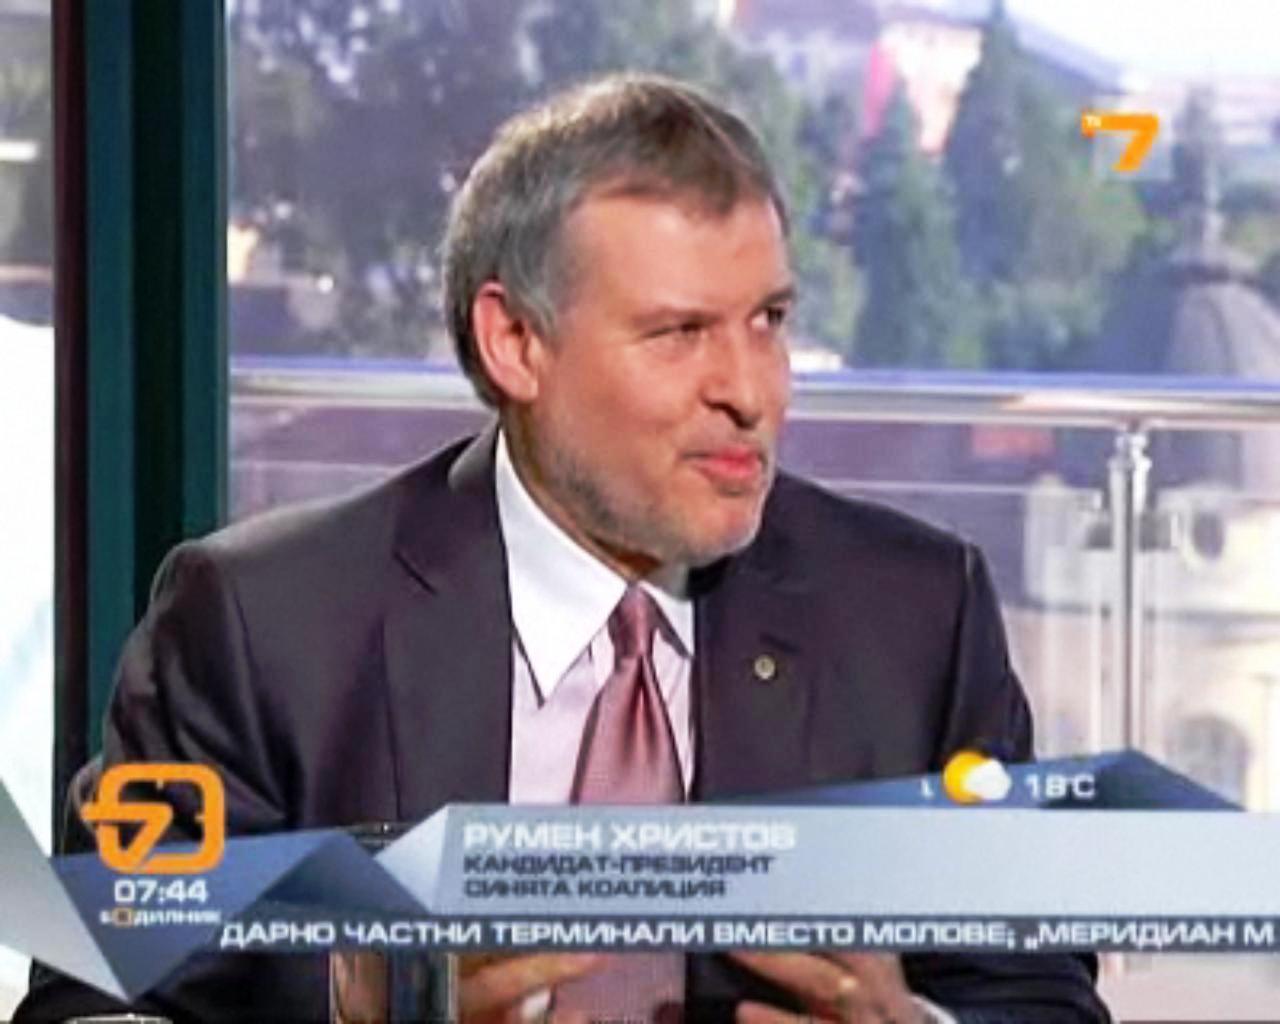 Христов: СДС трябва да се яви в коалиция на следващи избори